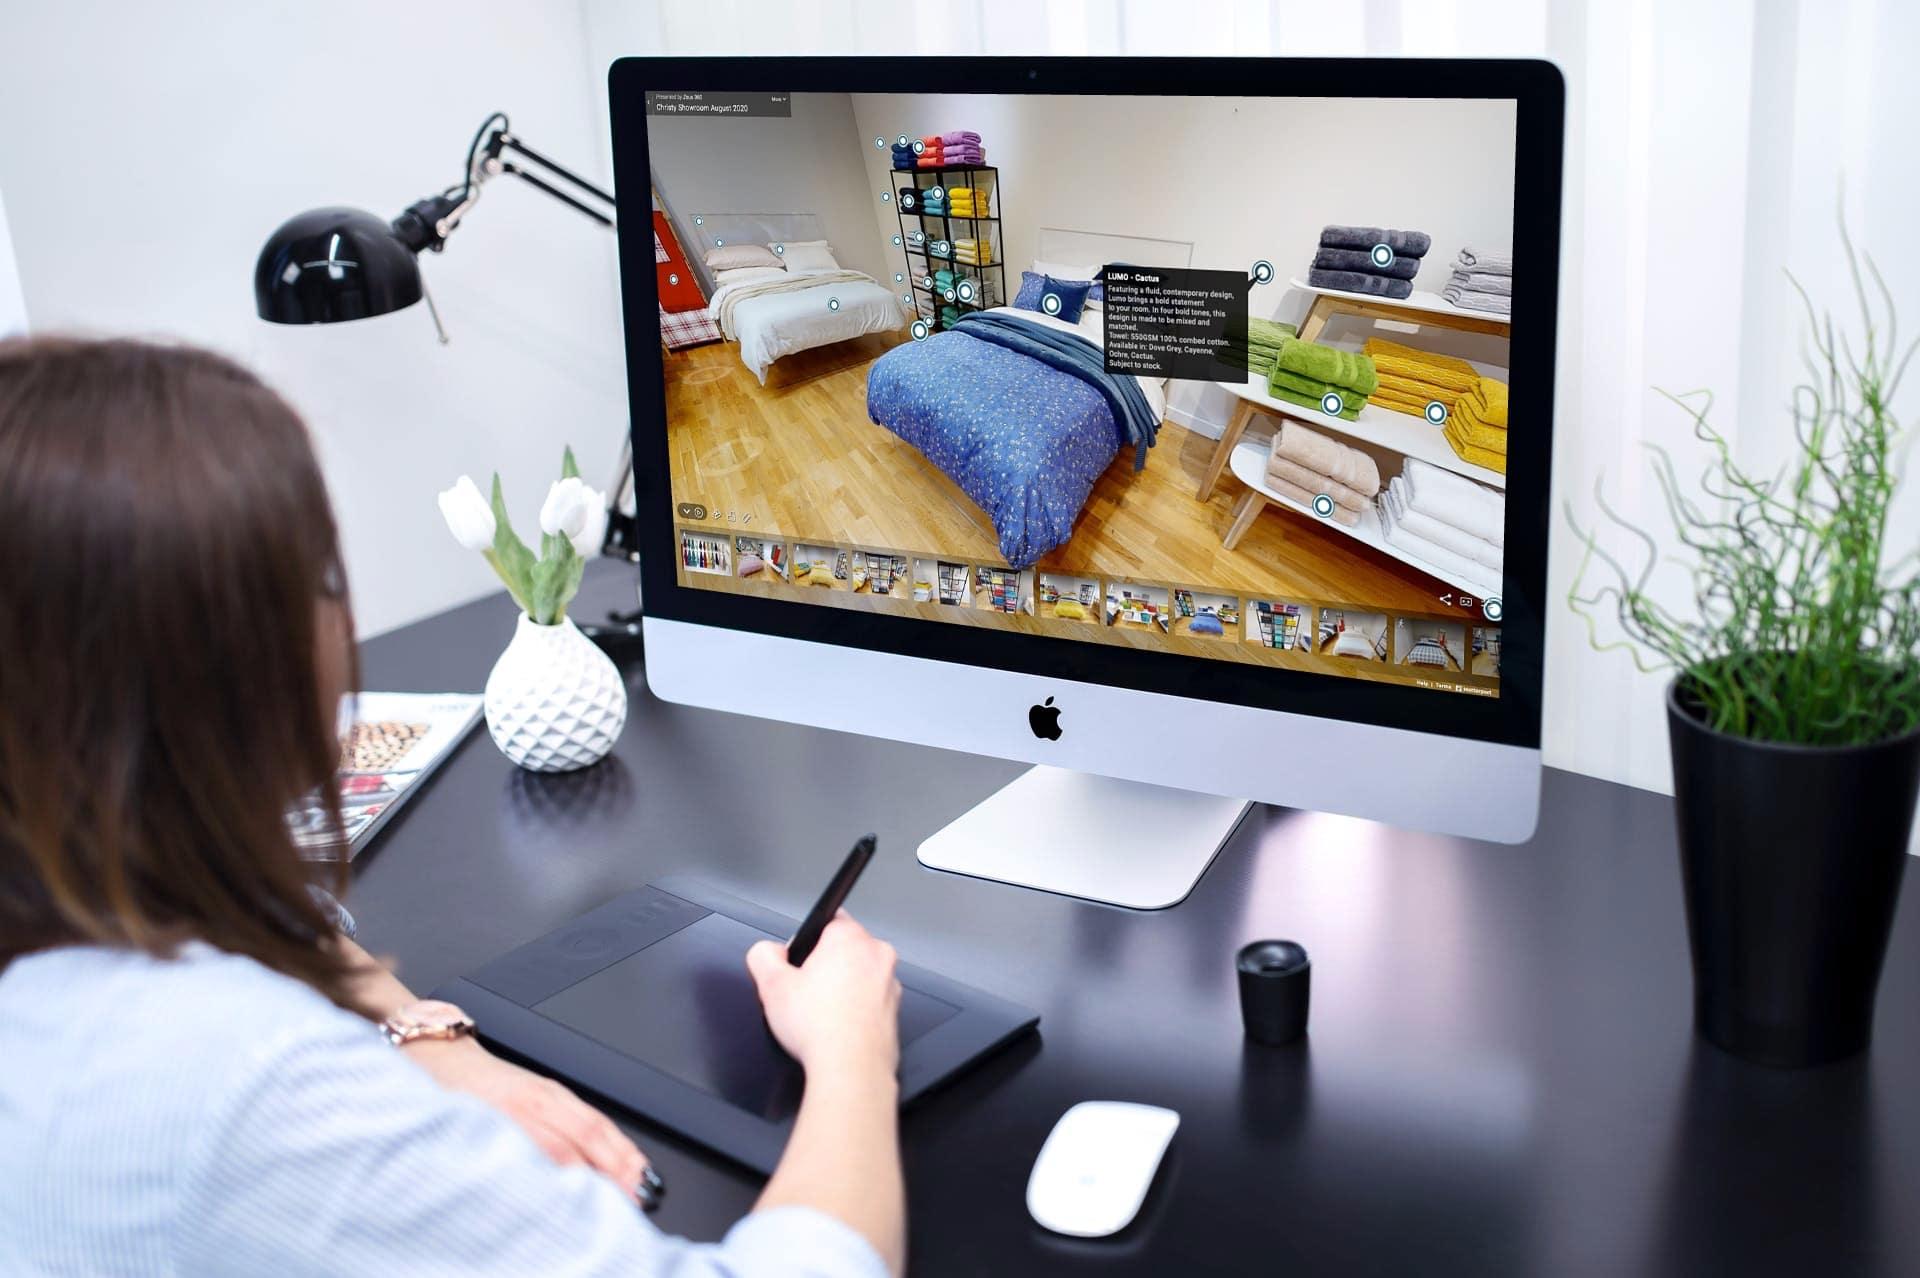 Showroom Matterport 3d Virtual Tours Manchester 2